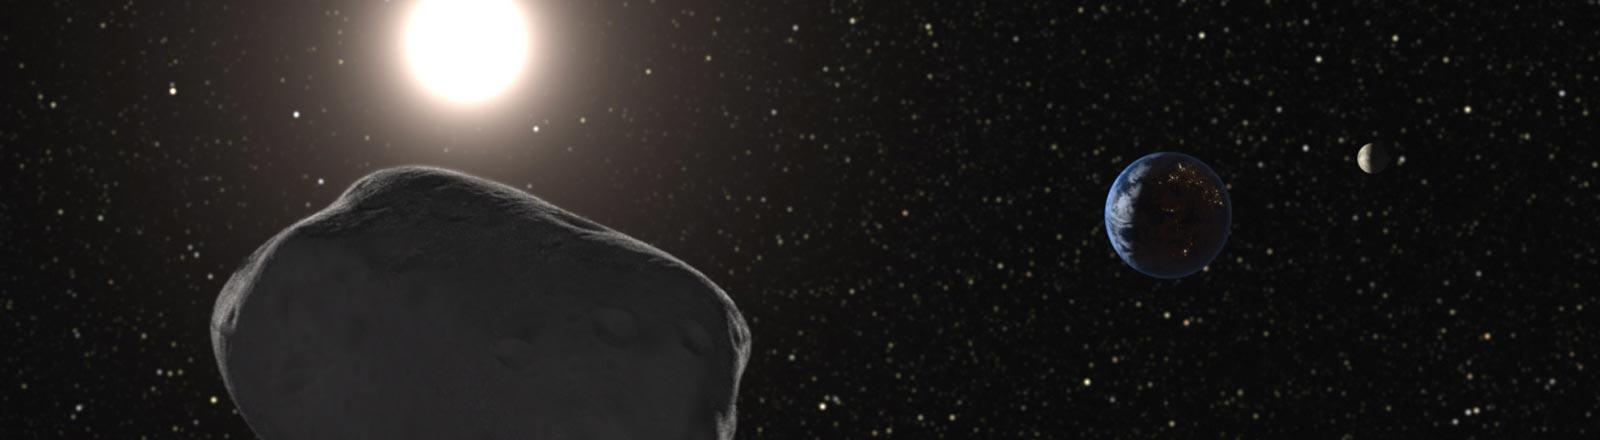 Die Sonne, die Erde und ein Asteroid.